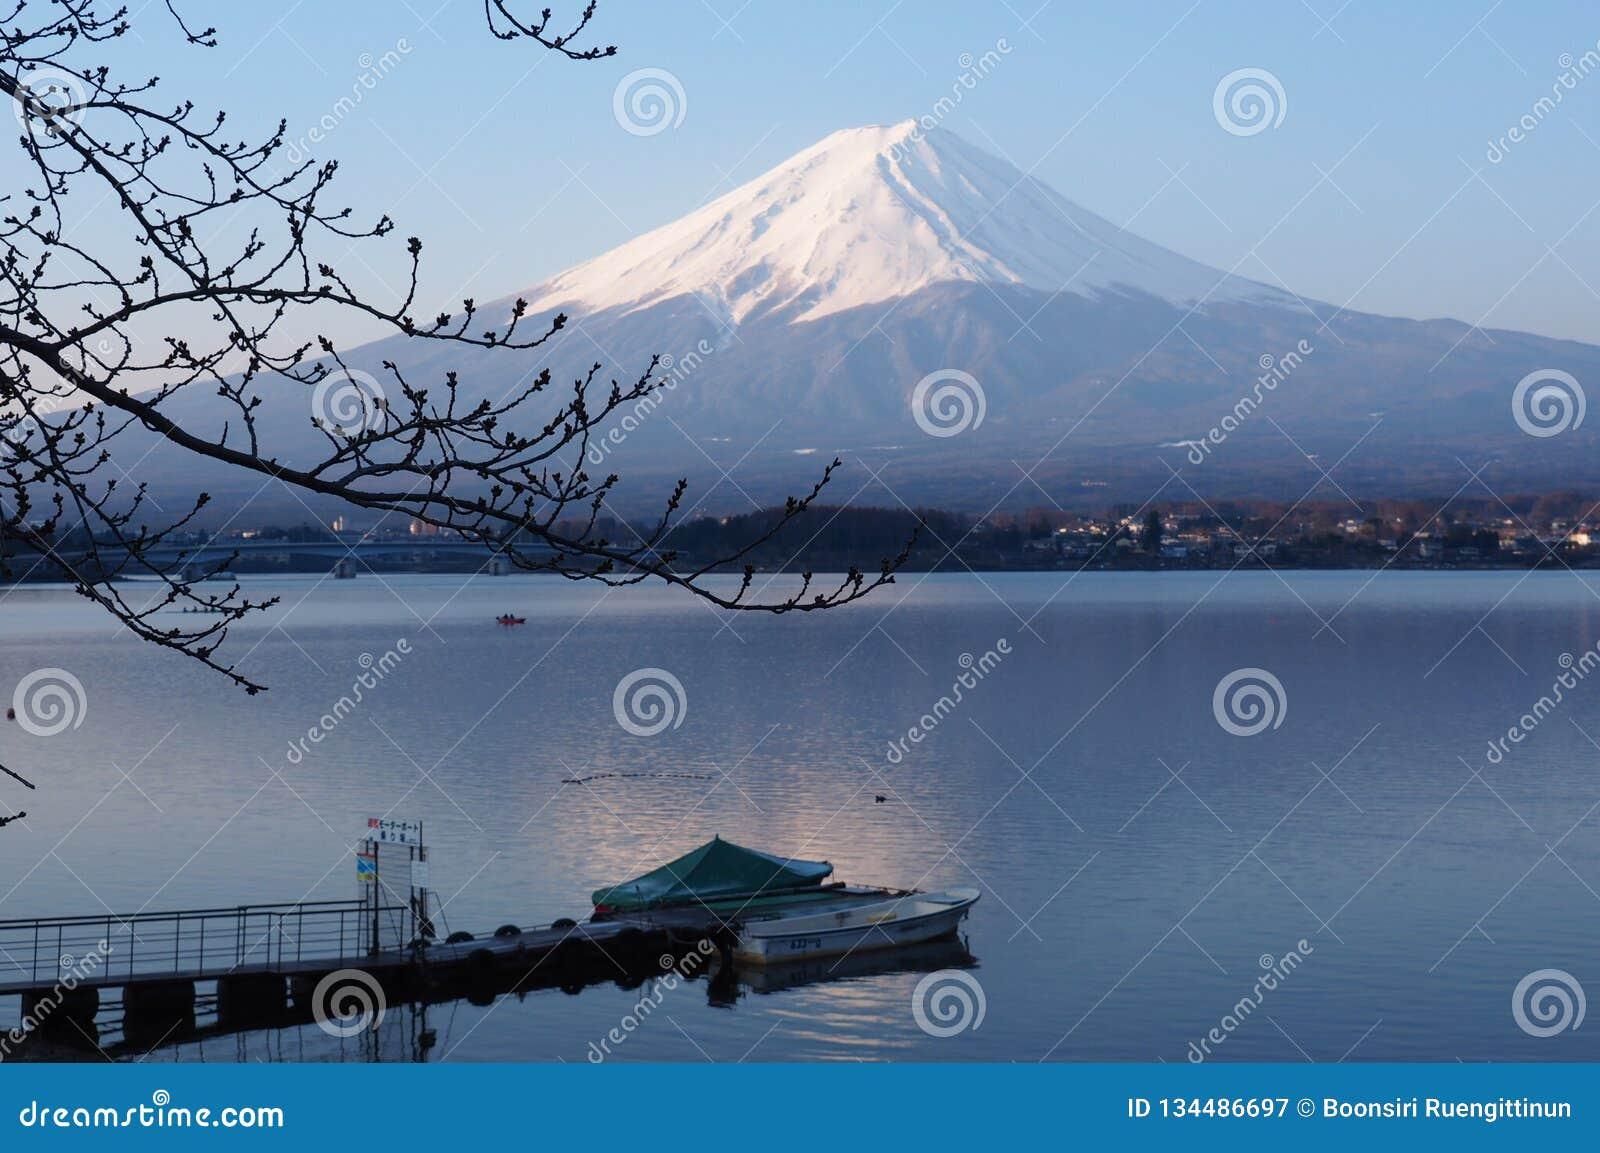 Early morning at the Kawaguchiko lake, Mount Fuji view, Japan.